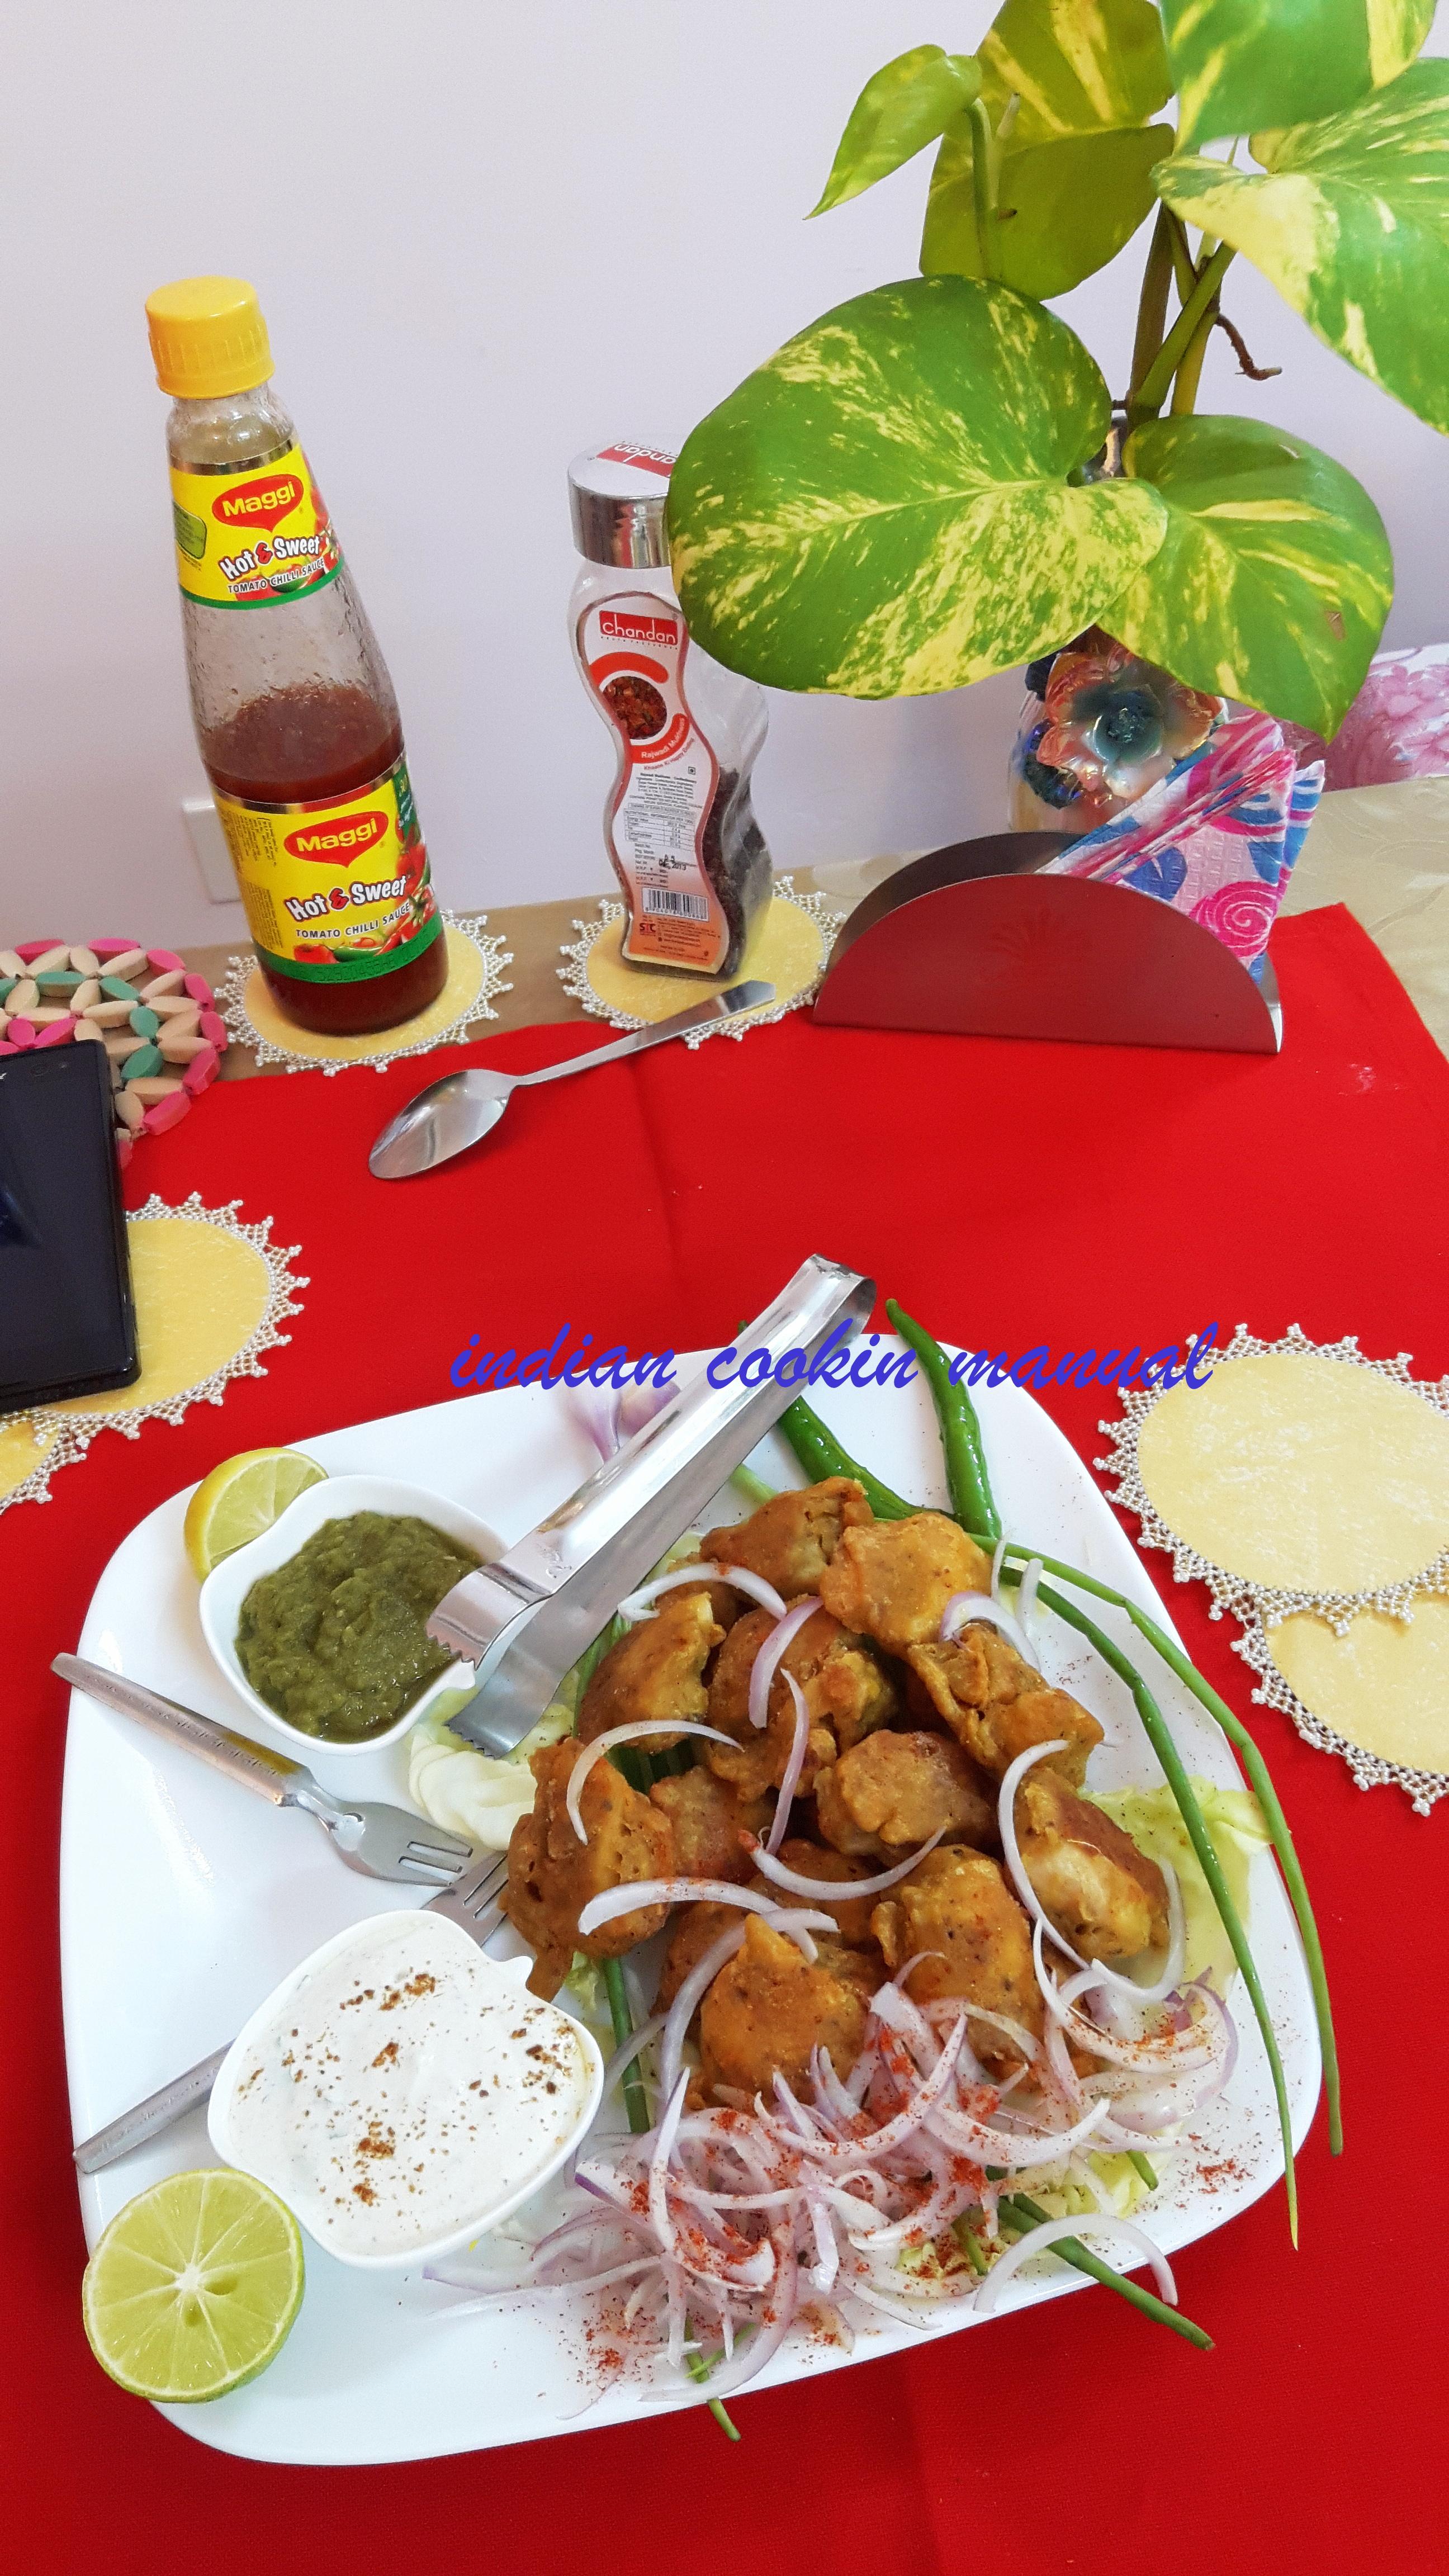 Chicken pakoda/fritters